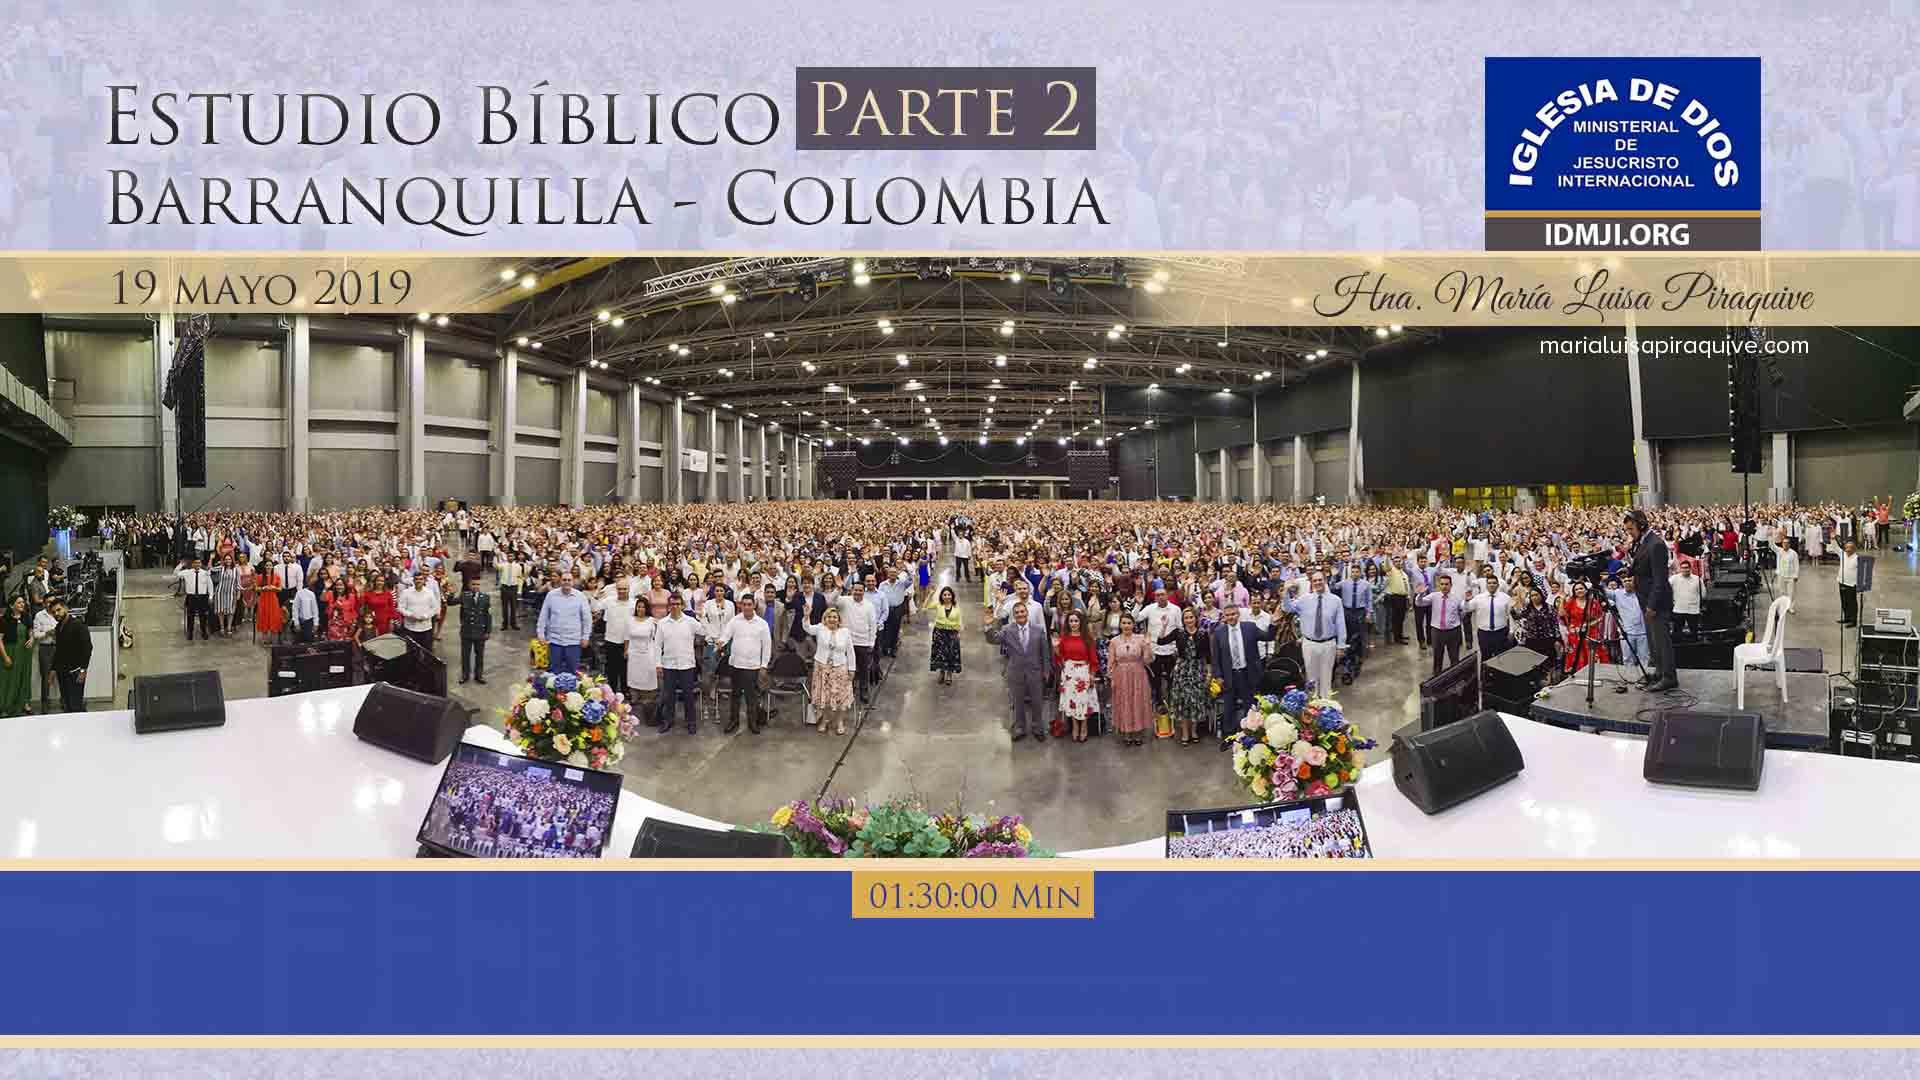 Estudio bíblico, parte 2, Barranquilla – Colombia